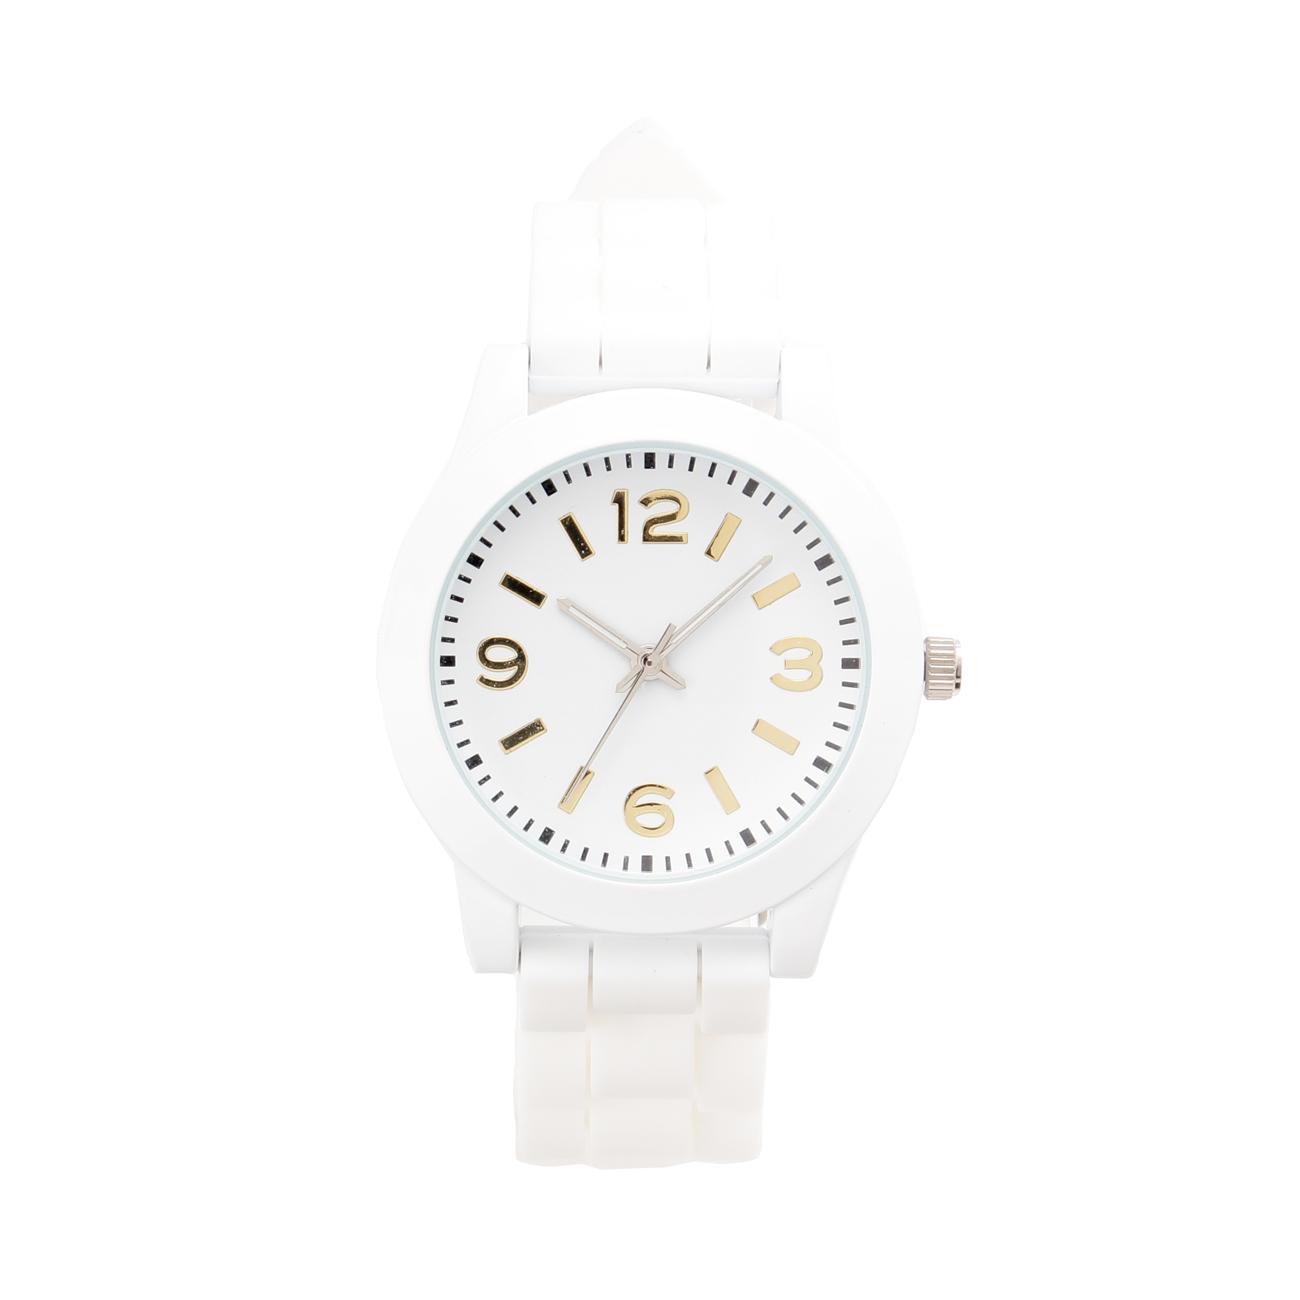 【THE EMPORIUM (ジエンポリアム)】ラバーベルト腕時計レディース 雑貨 腕時計 ホワイト